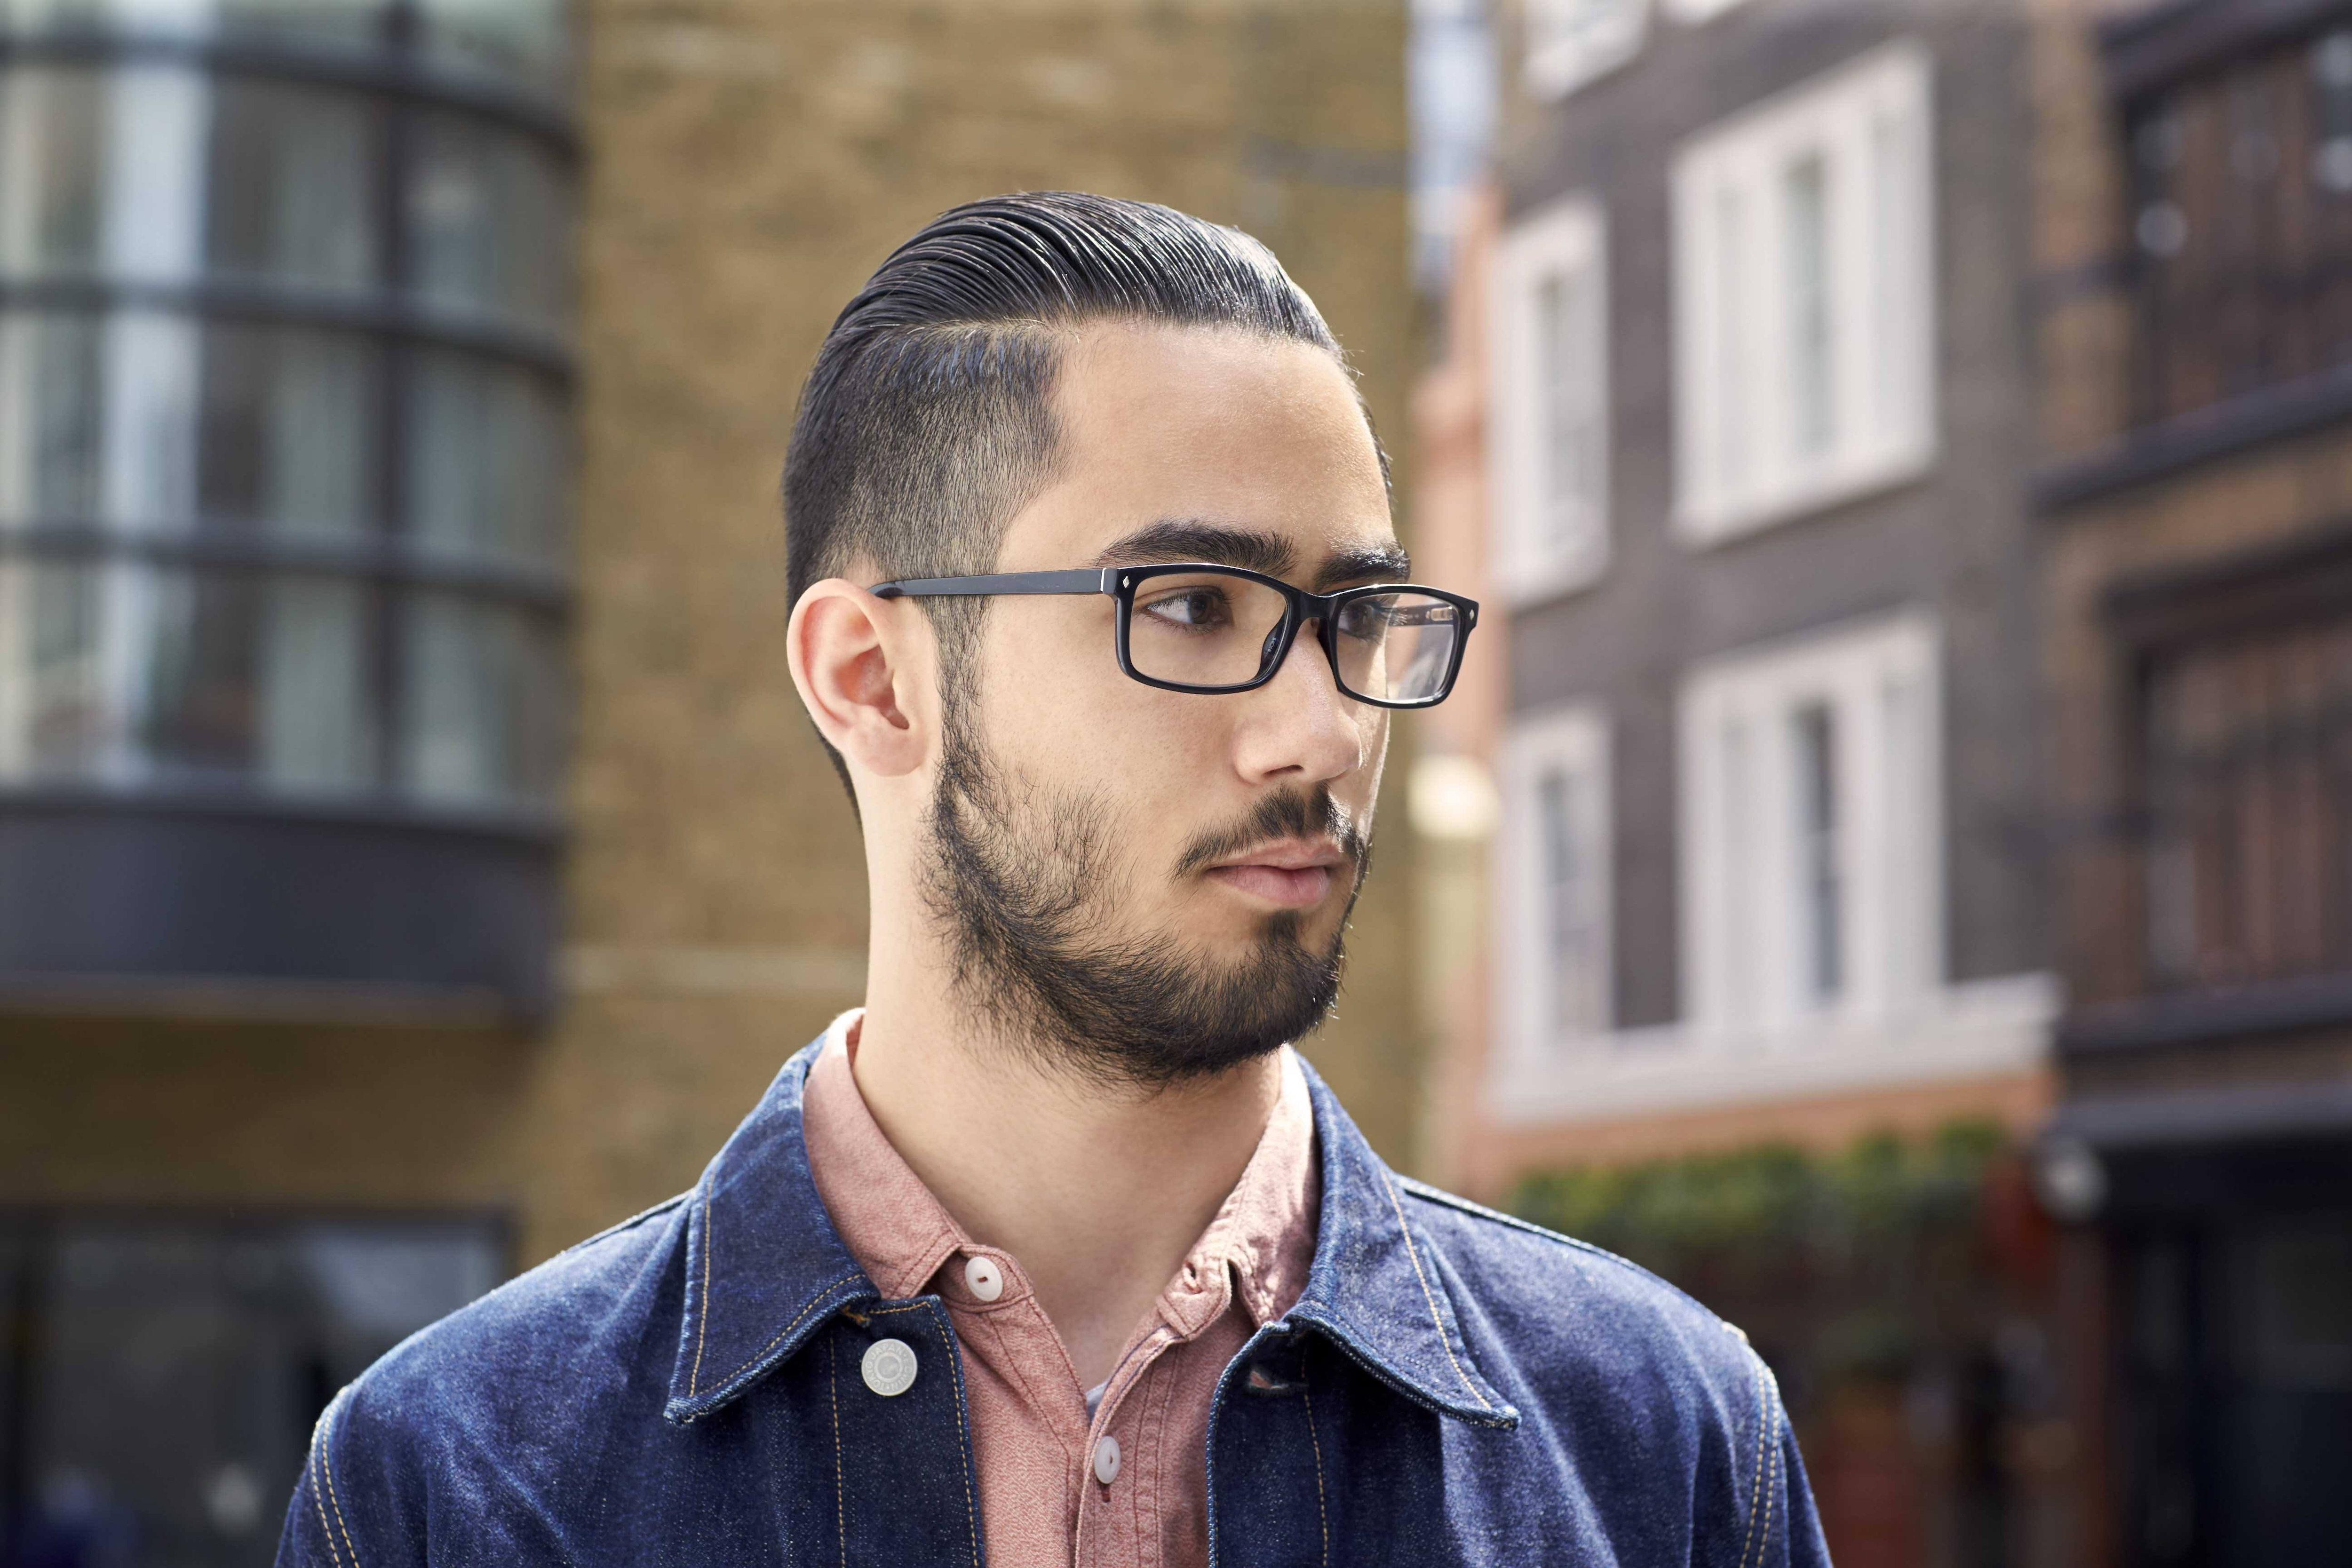 Men's haircut styles: All Things Hair - IMAGE - undercut slick back hair Movember beard